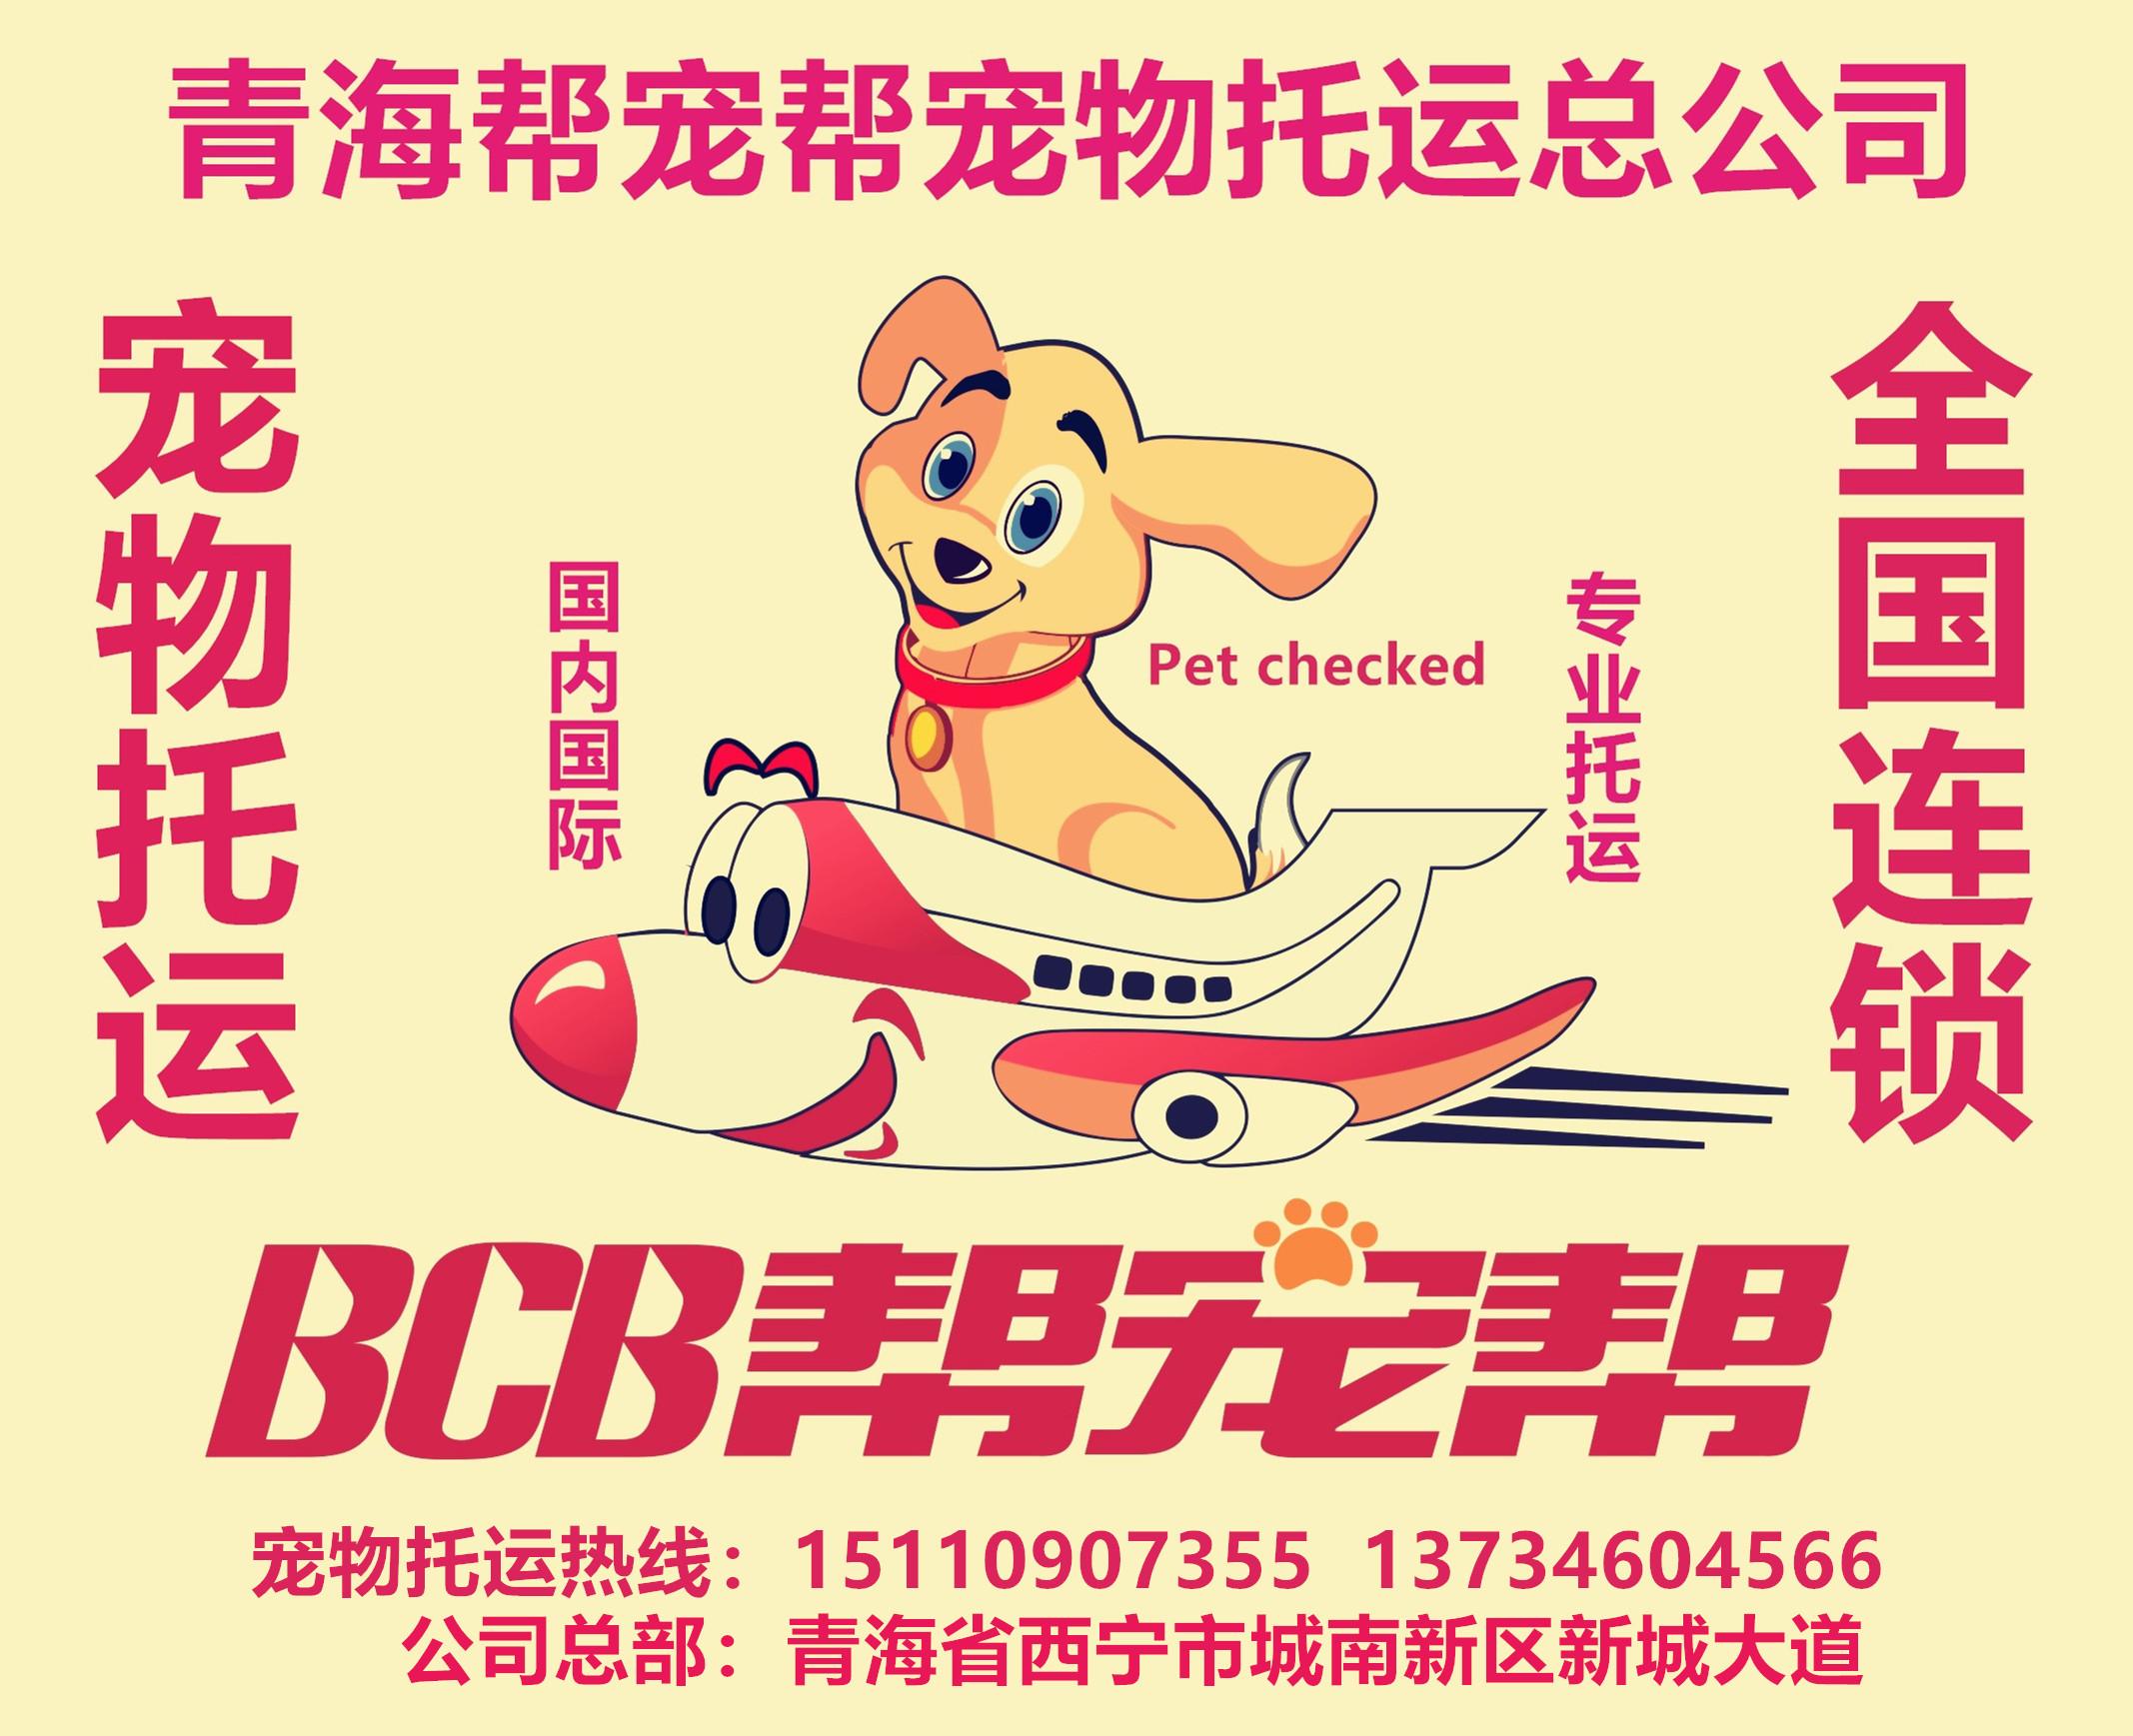 西宁宠物托运还是找专业的好只做宠物托运的公司帮宠帮